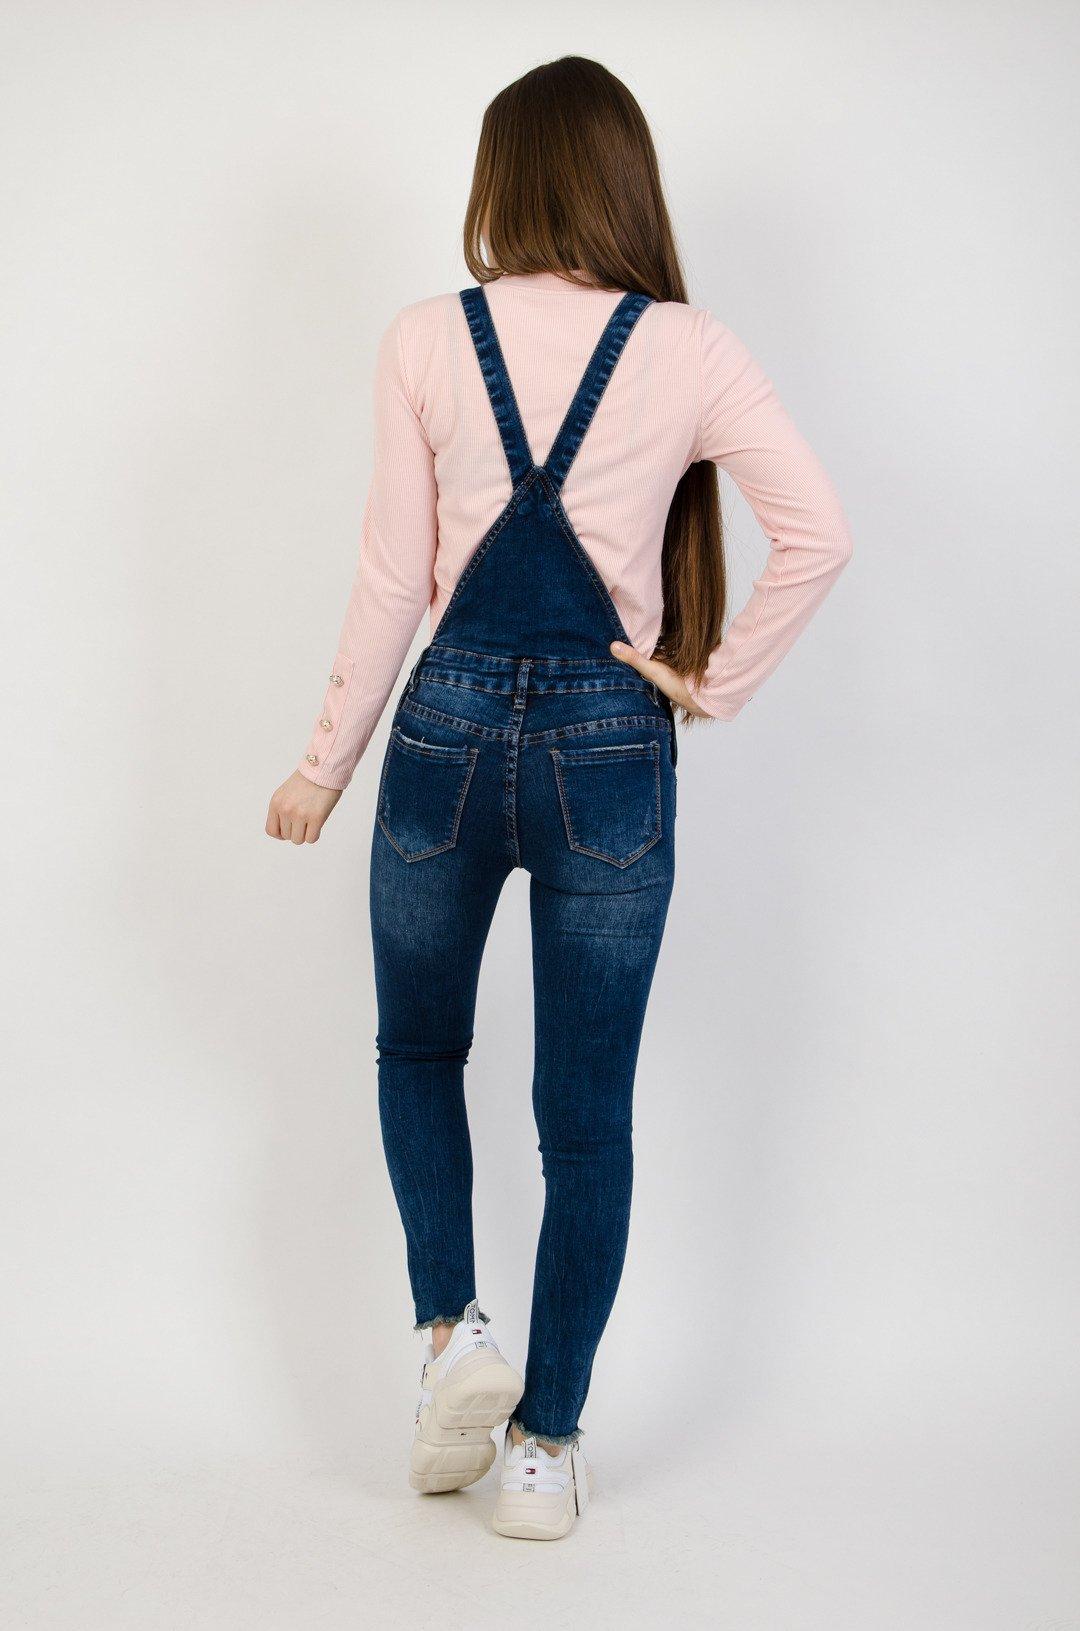 fd3a082f939d08 Ciemne jeansowe ogrodniczki z szarpaniem na dole nogawki   NOWOŚCI ...